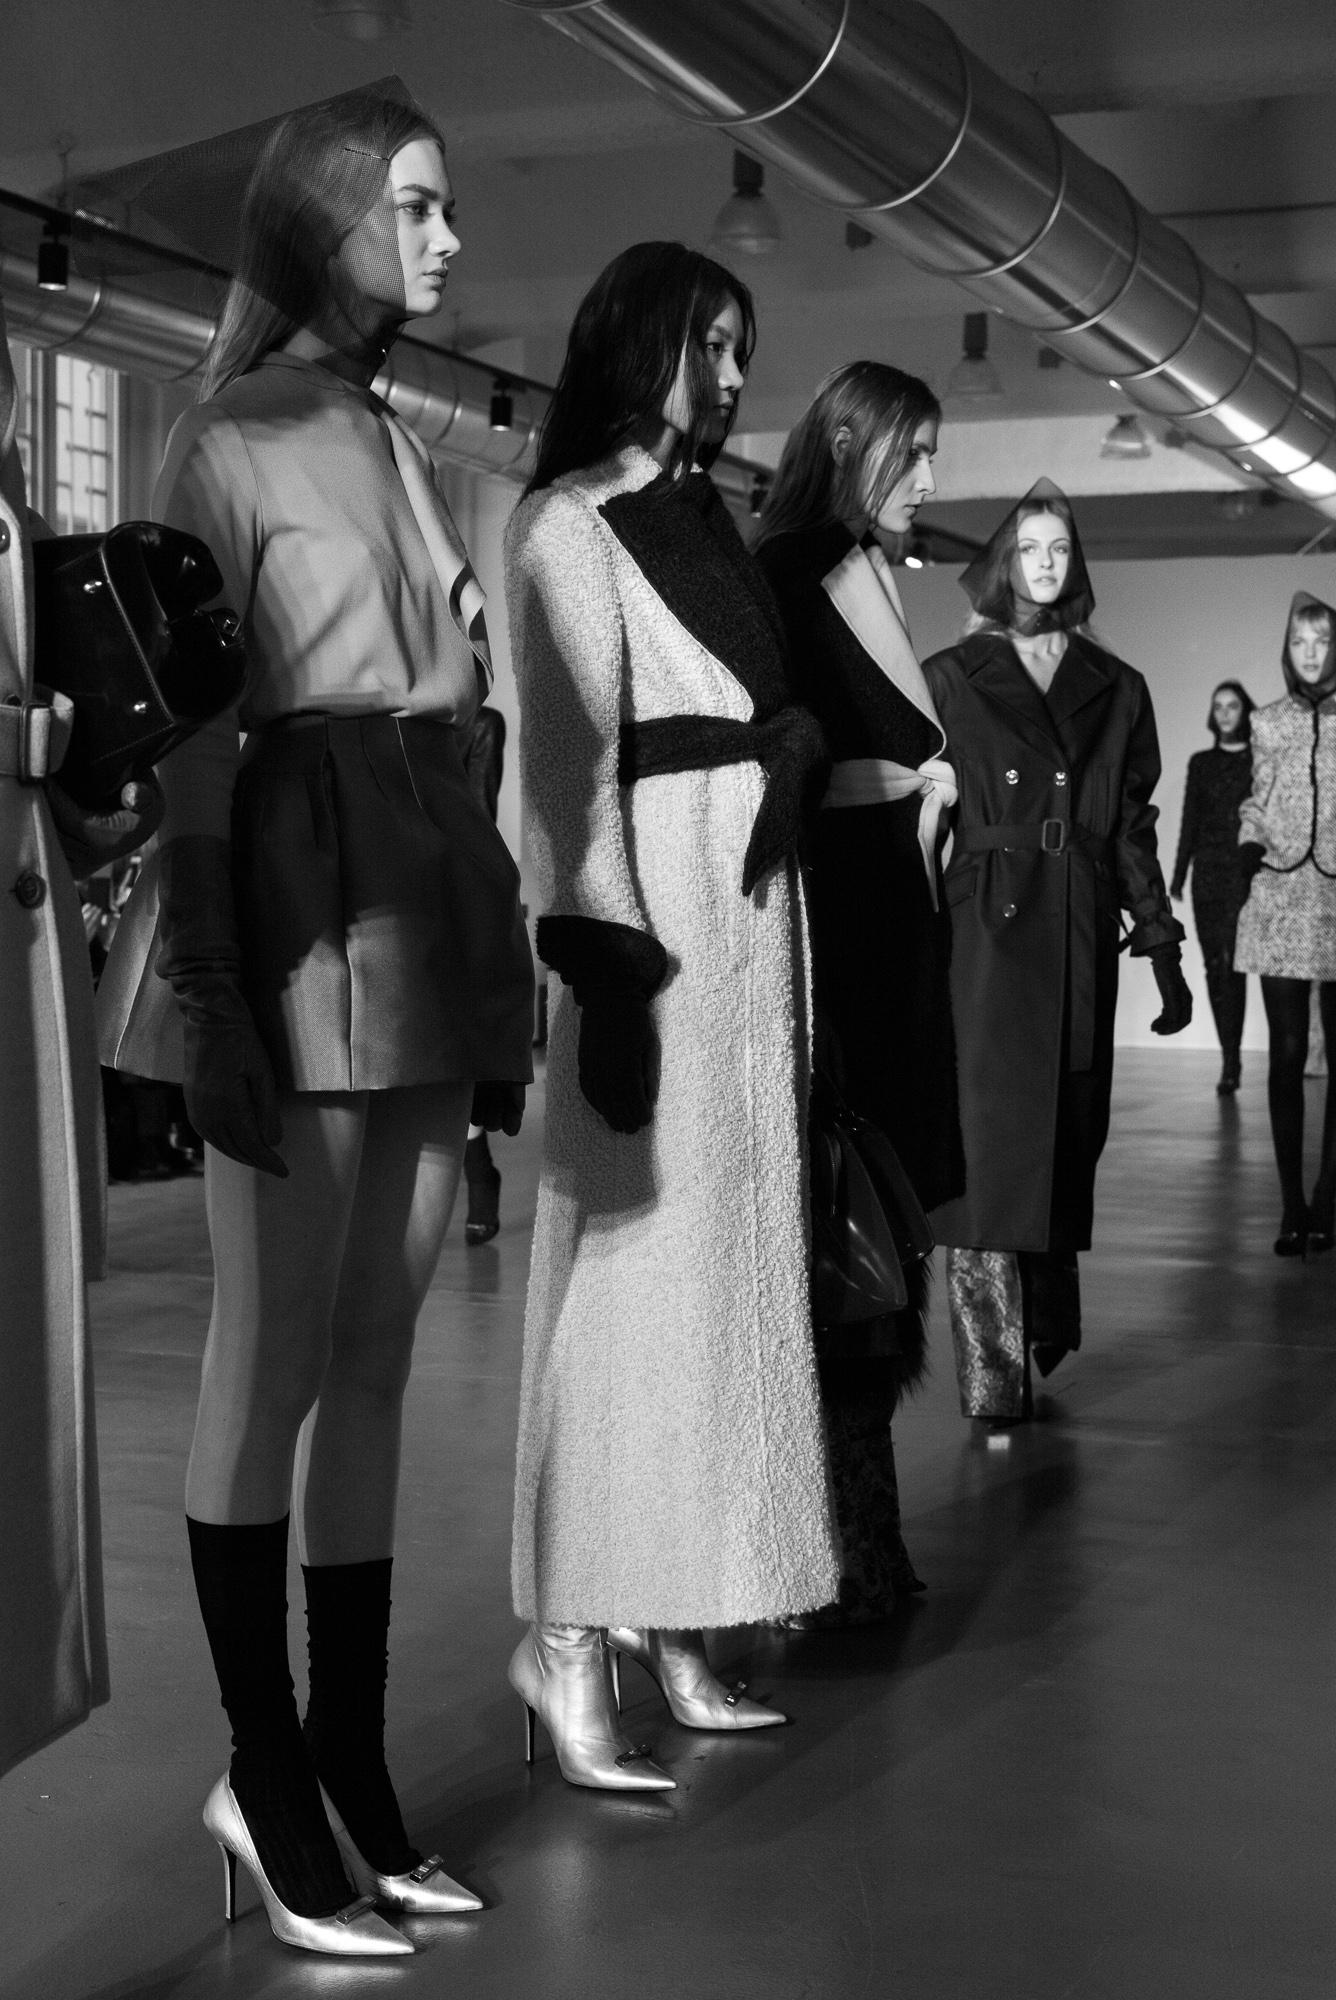 Carlo Bellini - Milan Fashion W - carlobellini   ello